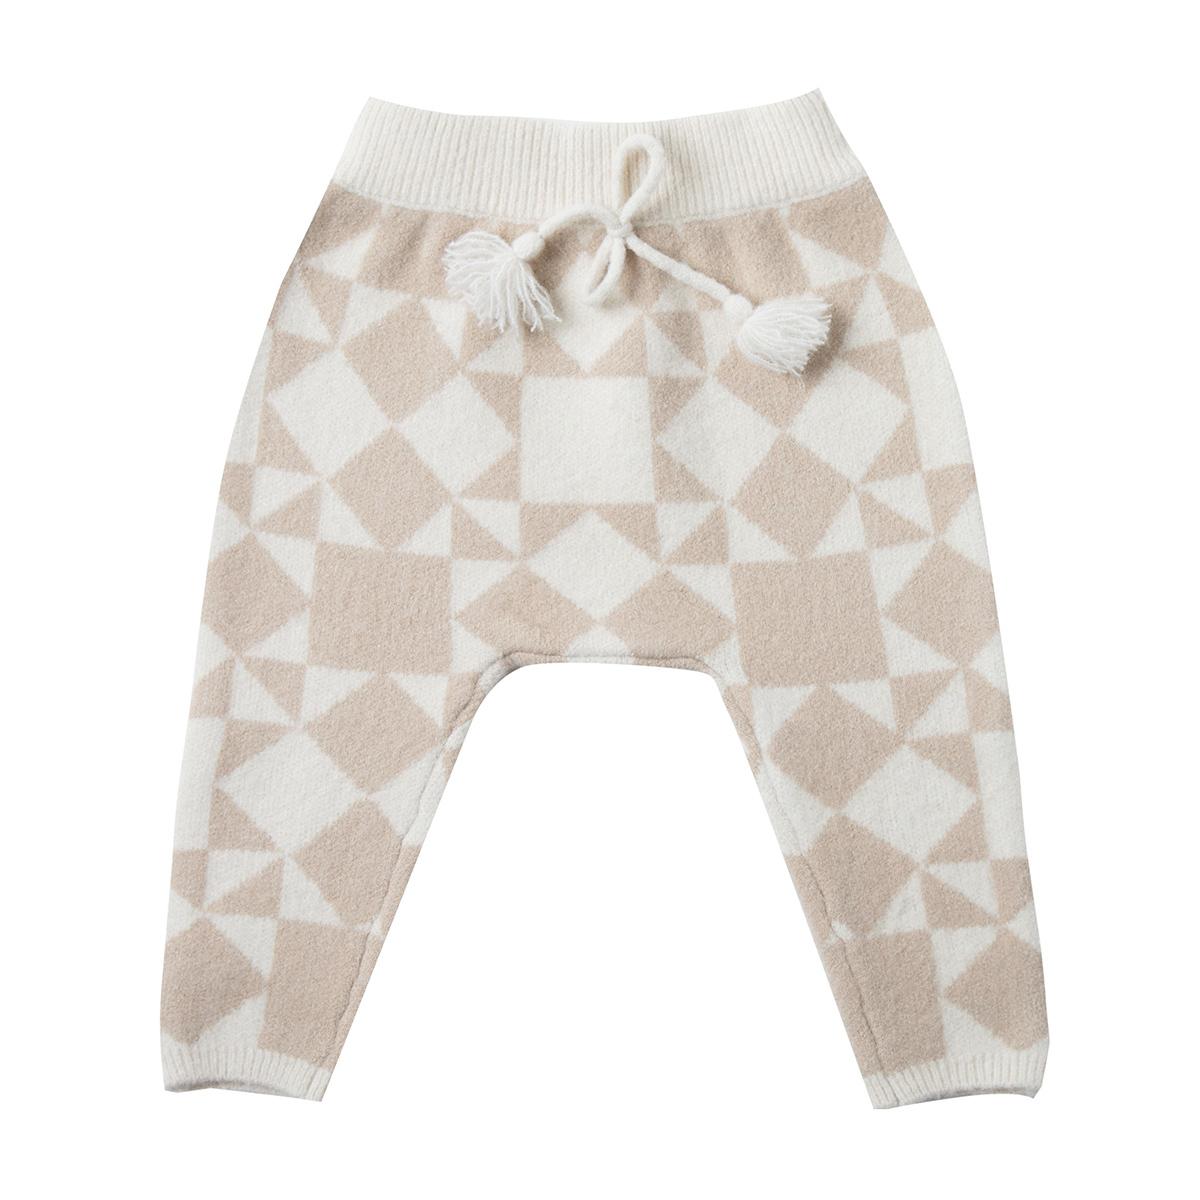 Bas Bébé Pantalon Patchwork Jacquard Ivoire - 6/12 Mois Pantalon Patchwork Jacquard Ivoire - 6/12 Mois